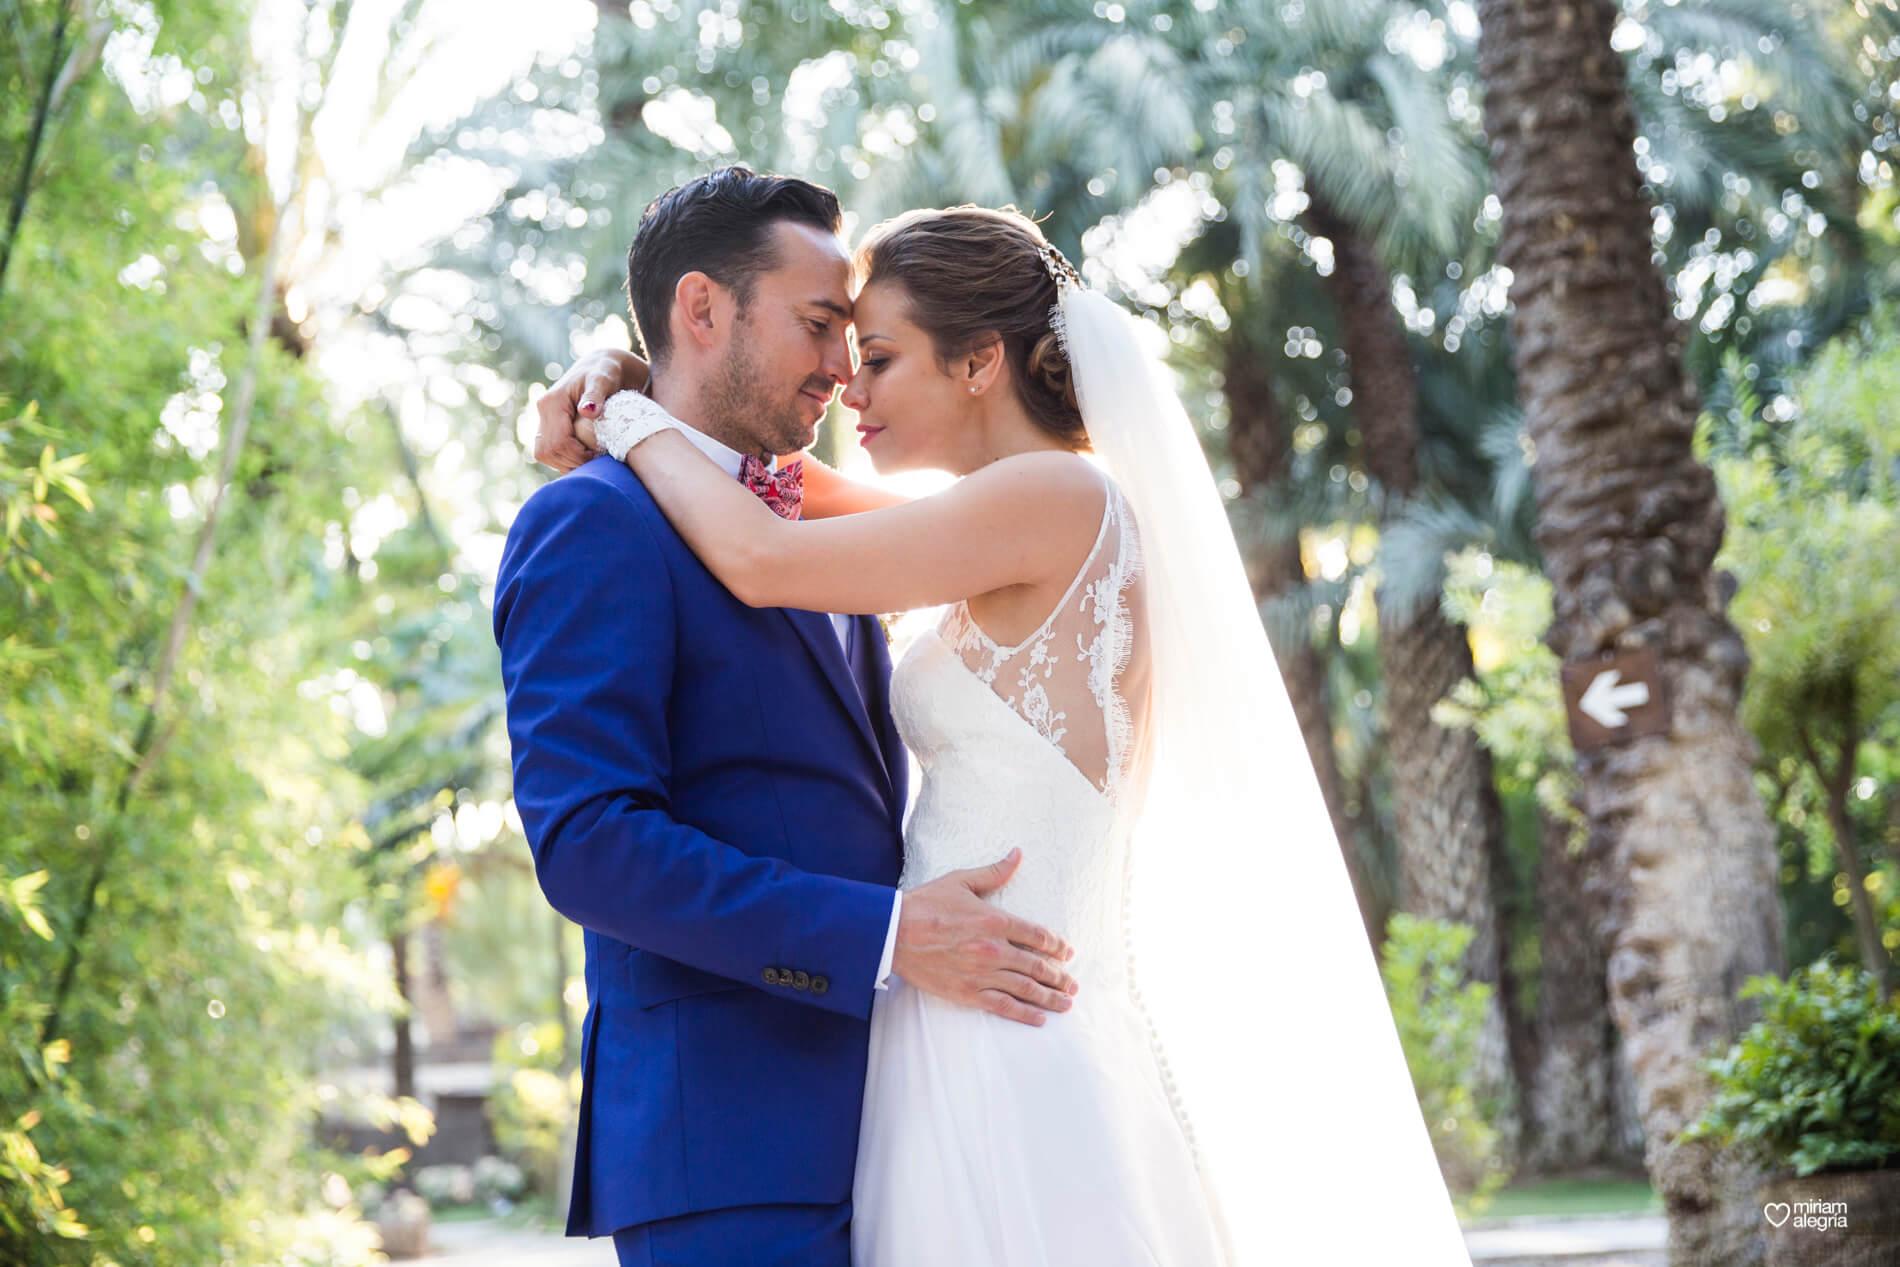 wedding-huerto-del-cura-elche-miriam-alegria-fotografos-boda-26